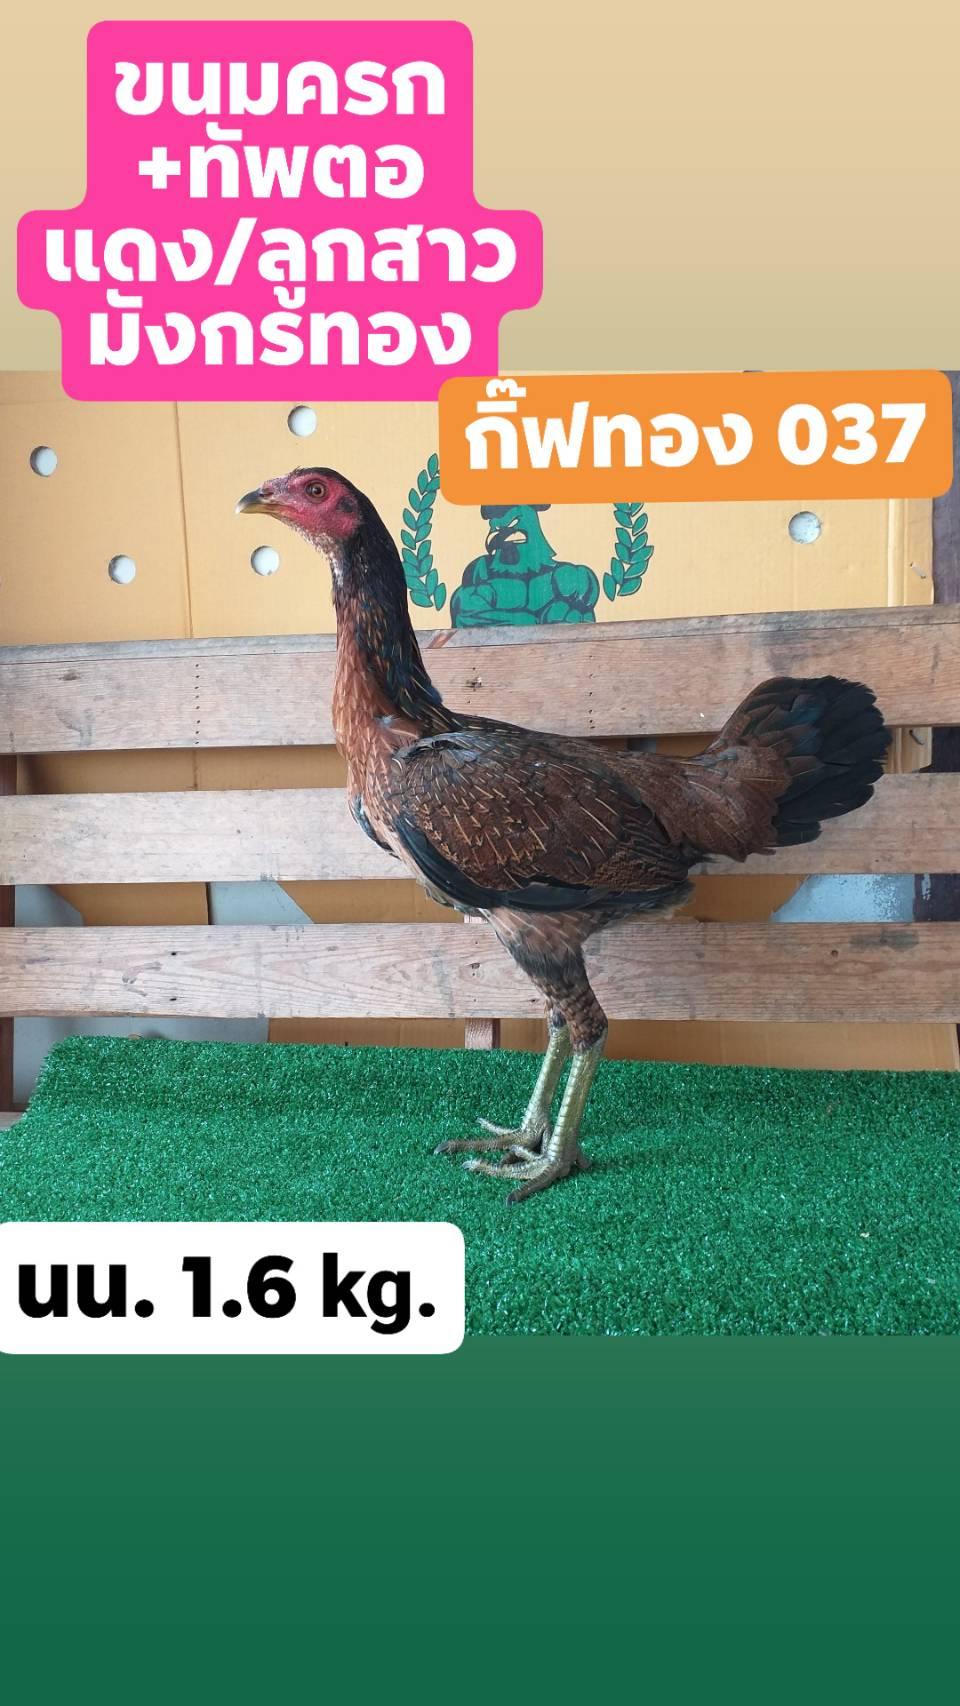 ตัวที่2 แบ่งแม่พันธ์ไก่พม่าสาวพร้อมไข่ สายเลือดดี กระดูกโครงสร้างดีตามสายเป็นไก่ม้าล่อ แข้งหน้าจัด คม